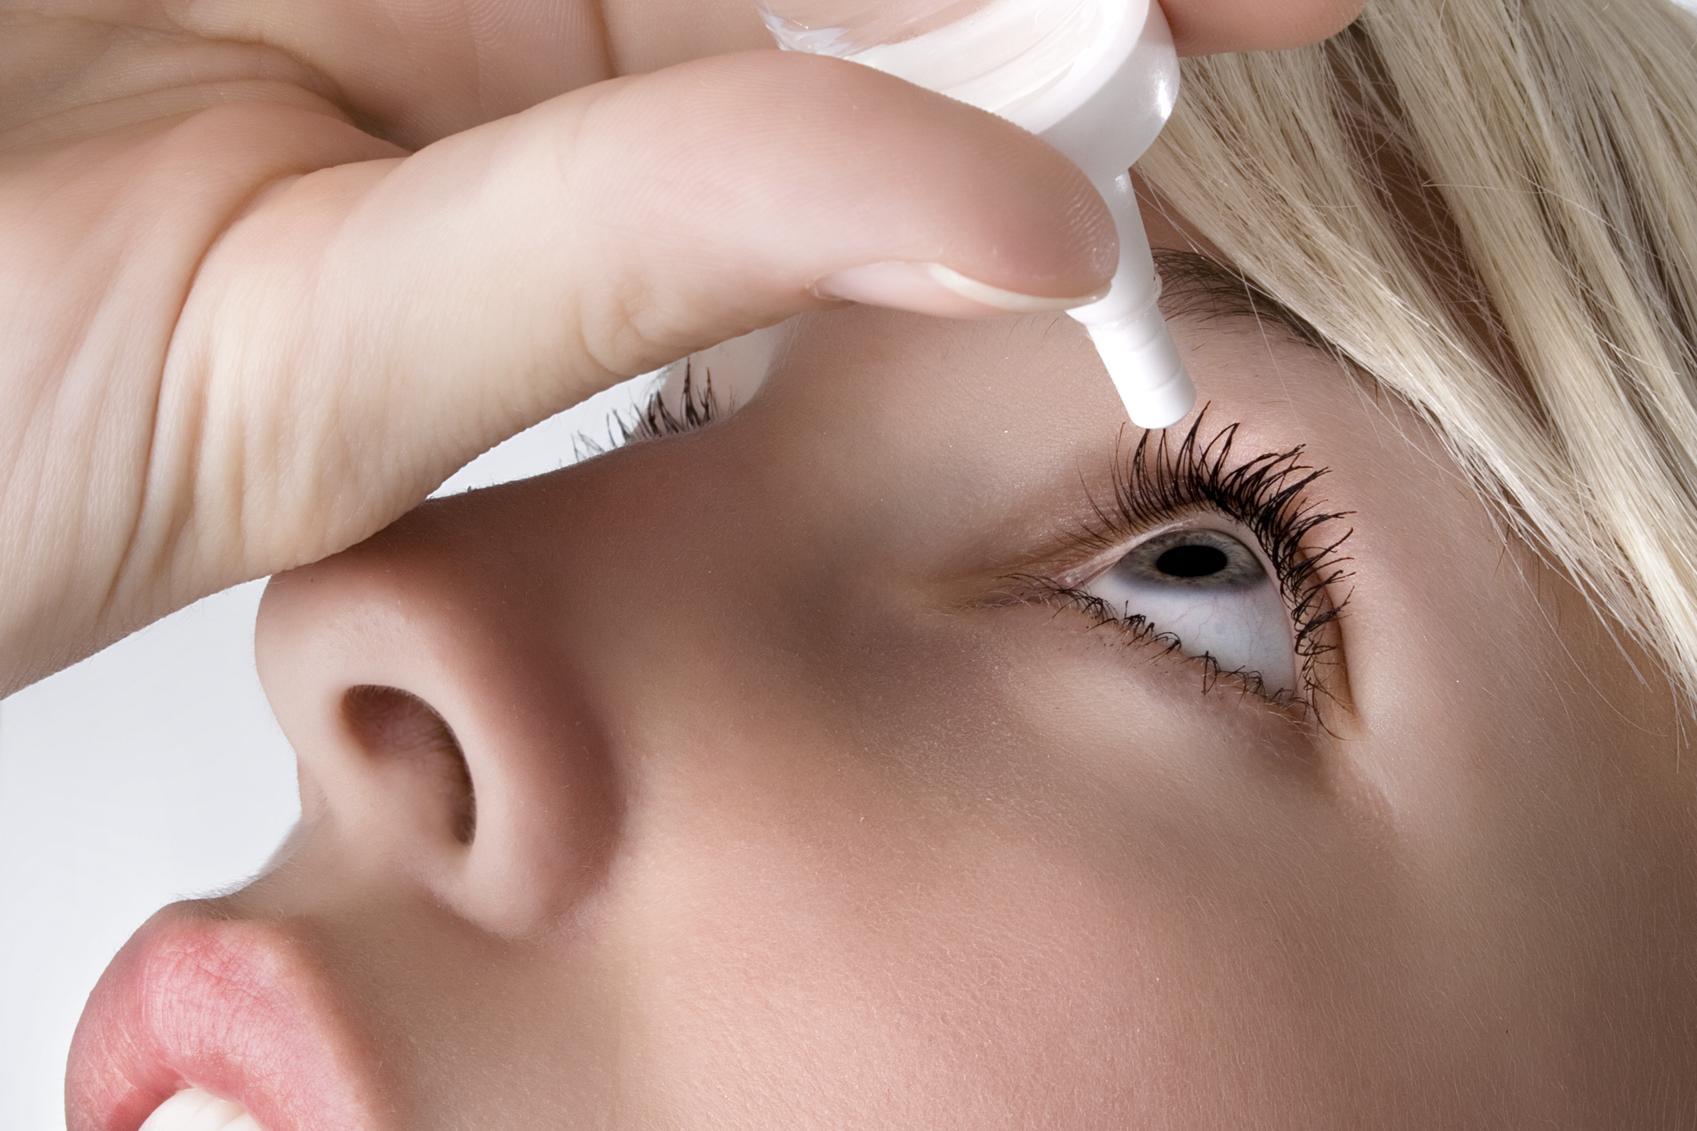 Mujer rubia echándose un colirio en el ojo